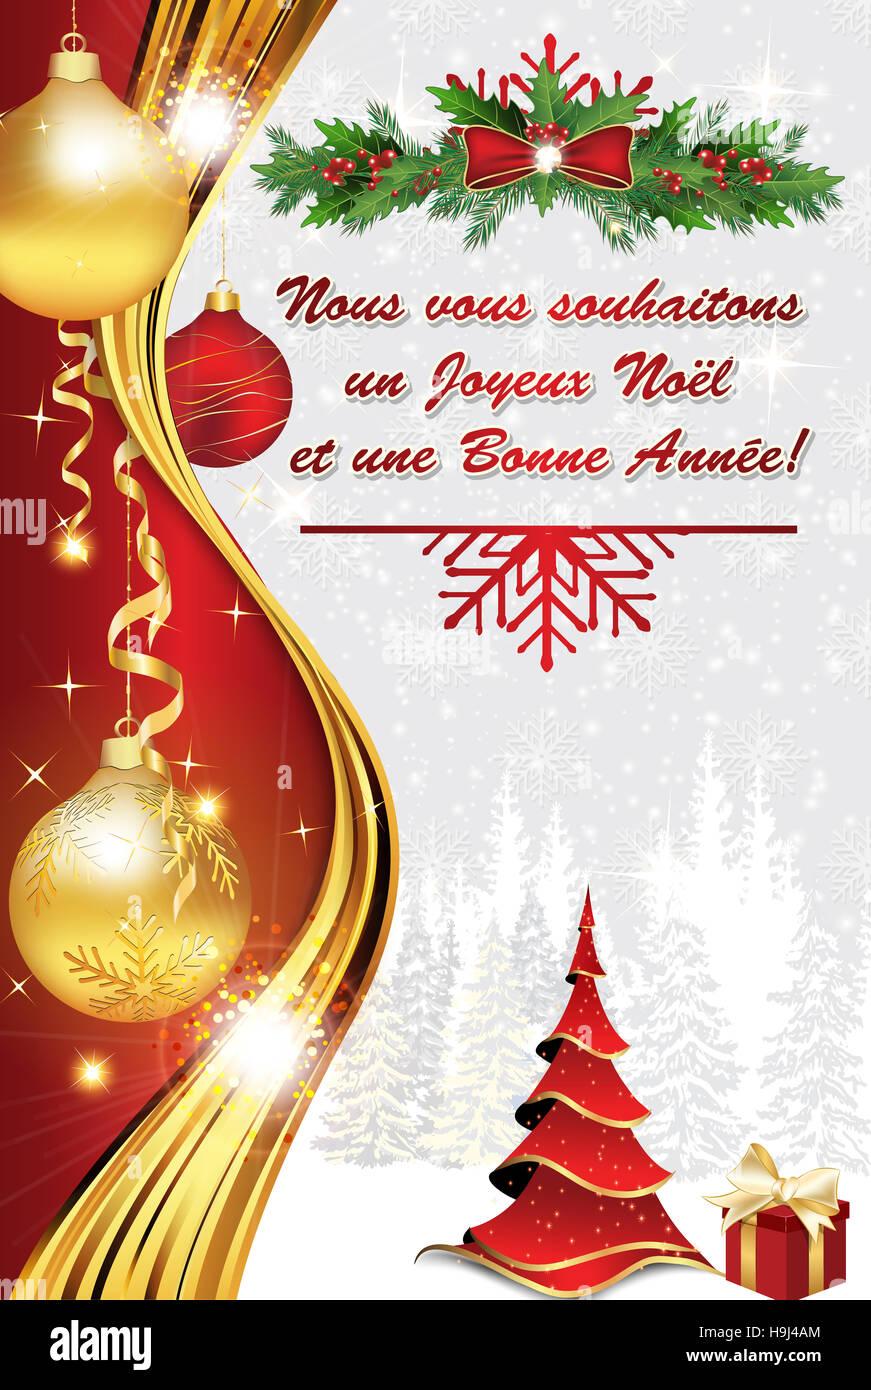 Joyeux Noel Et Nouvel An.Carte De Voeux D Entreprise Pour Celebrer L Arrivee De La